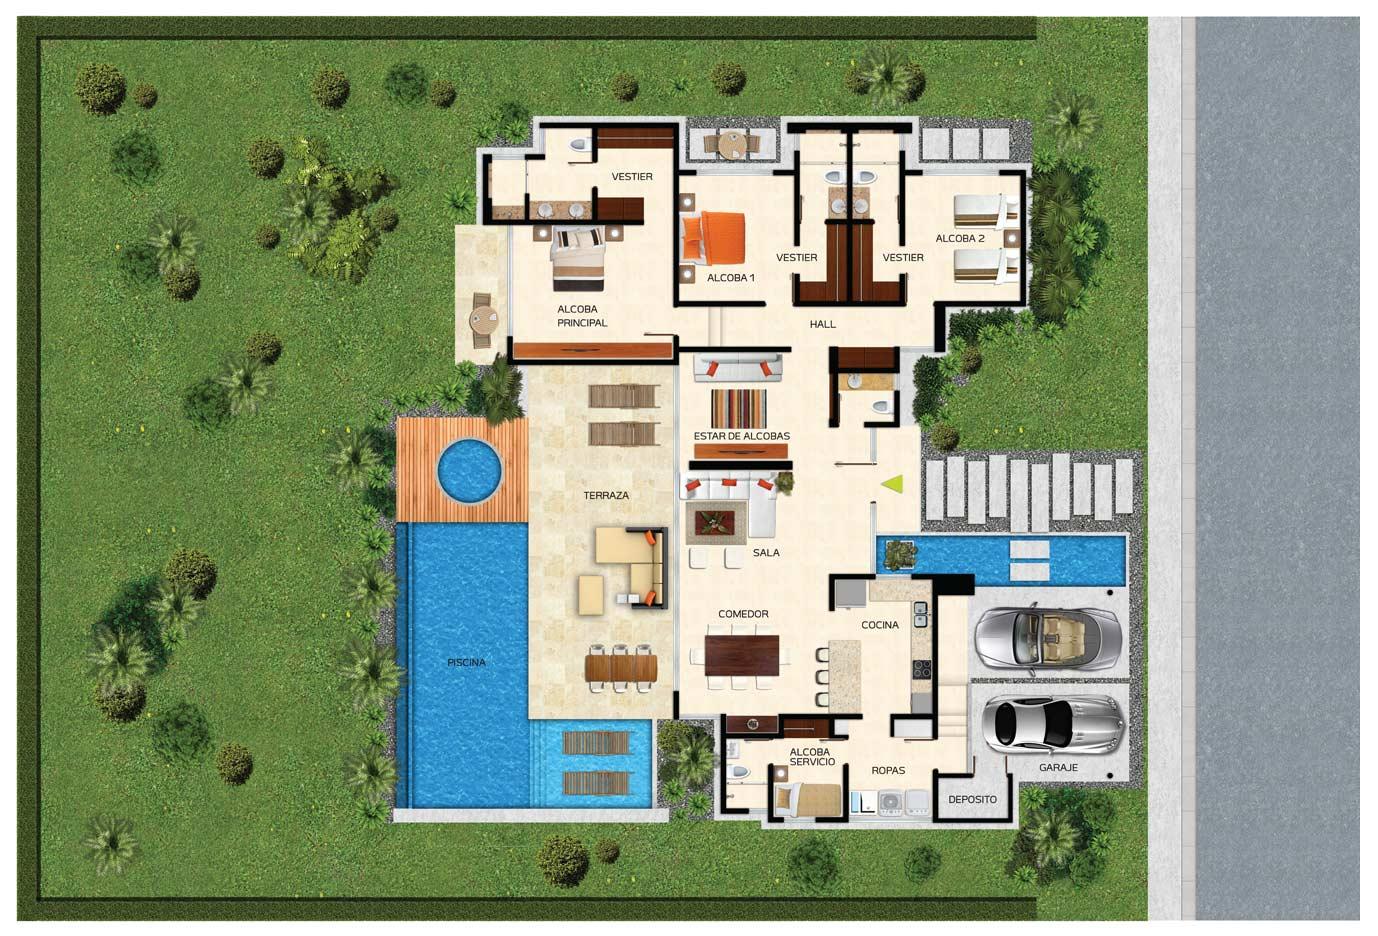 Planta de casa de campo enlaces free ms de ideas for Planos de casas de campo gratis